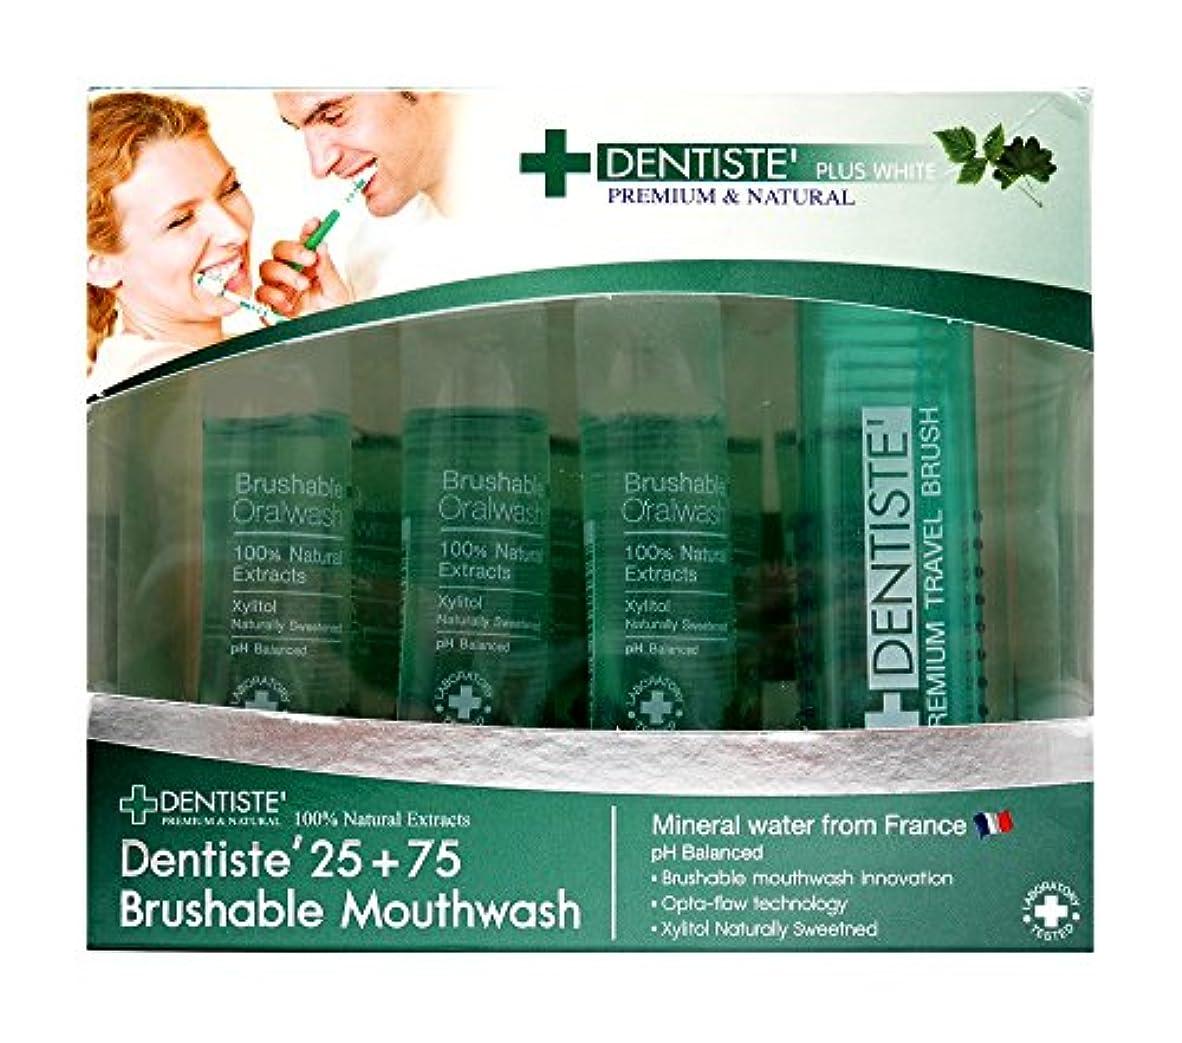 黙商品削除する(デンティス)DENTISTE 液体歯磨き粉 12ml x 7本 収納式歯ブラシ付